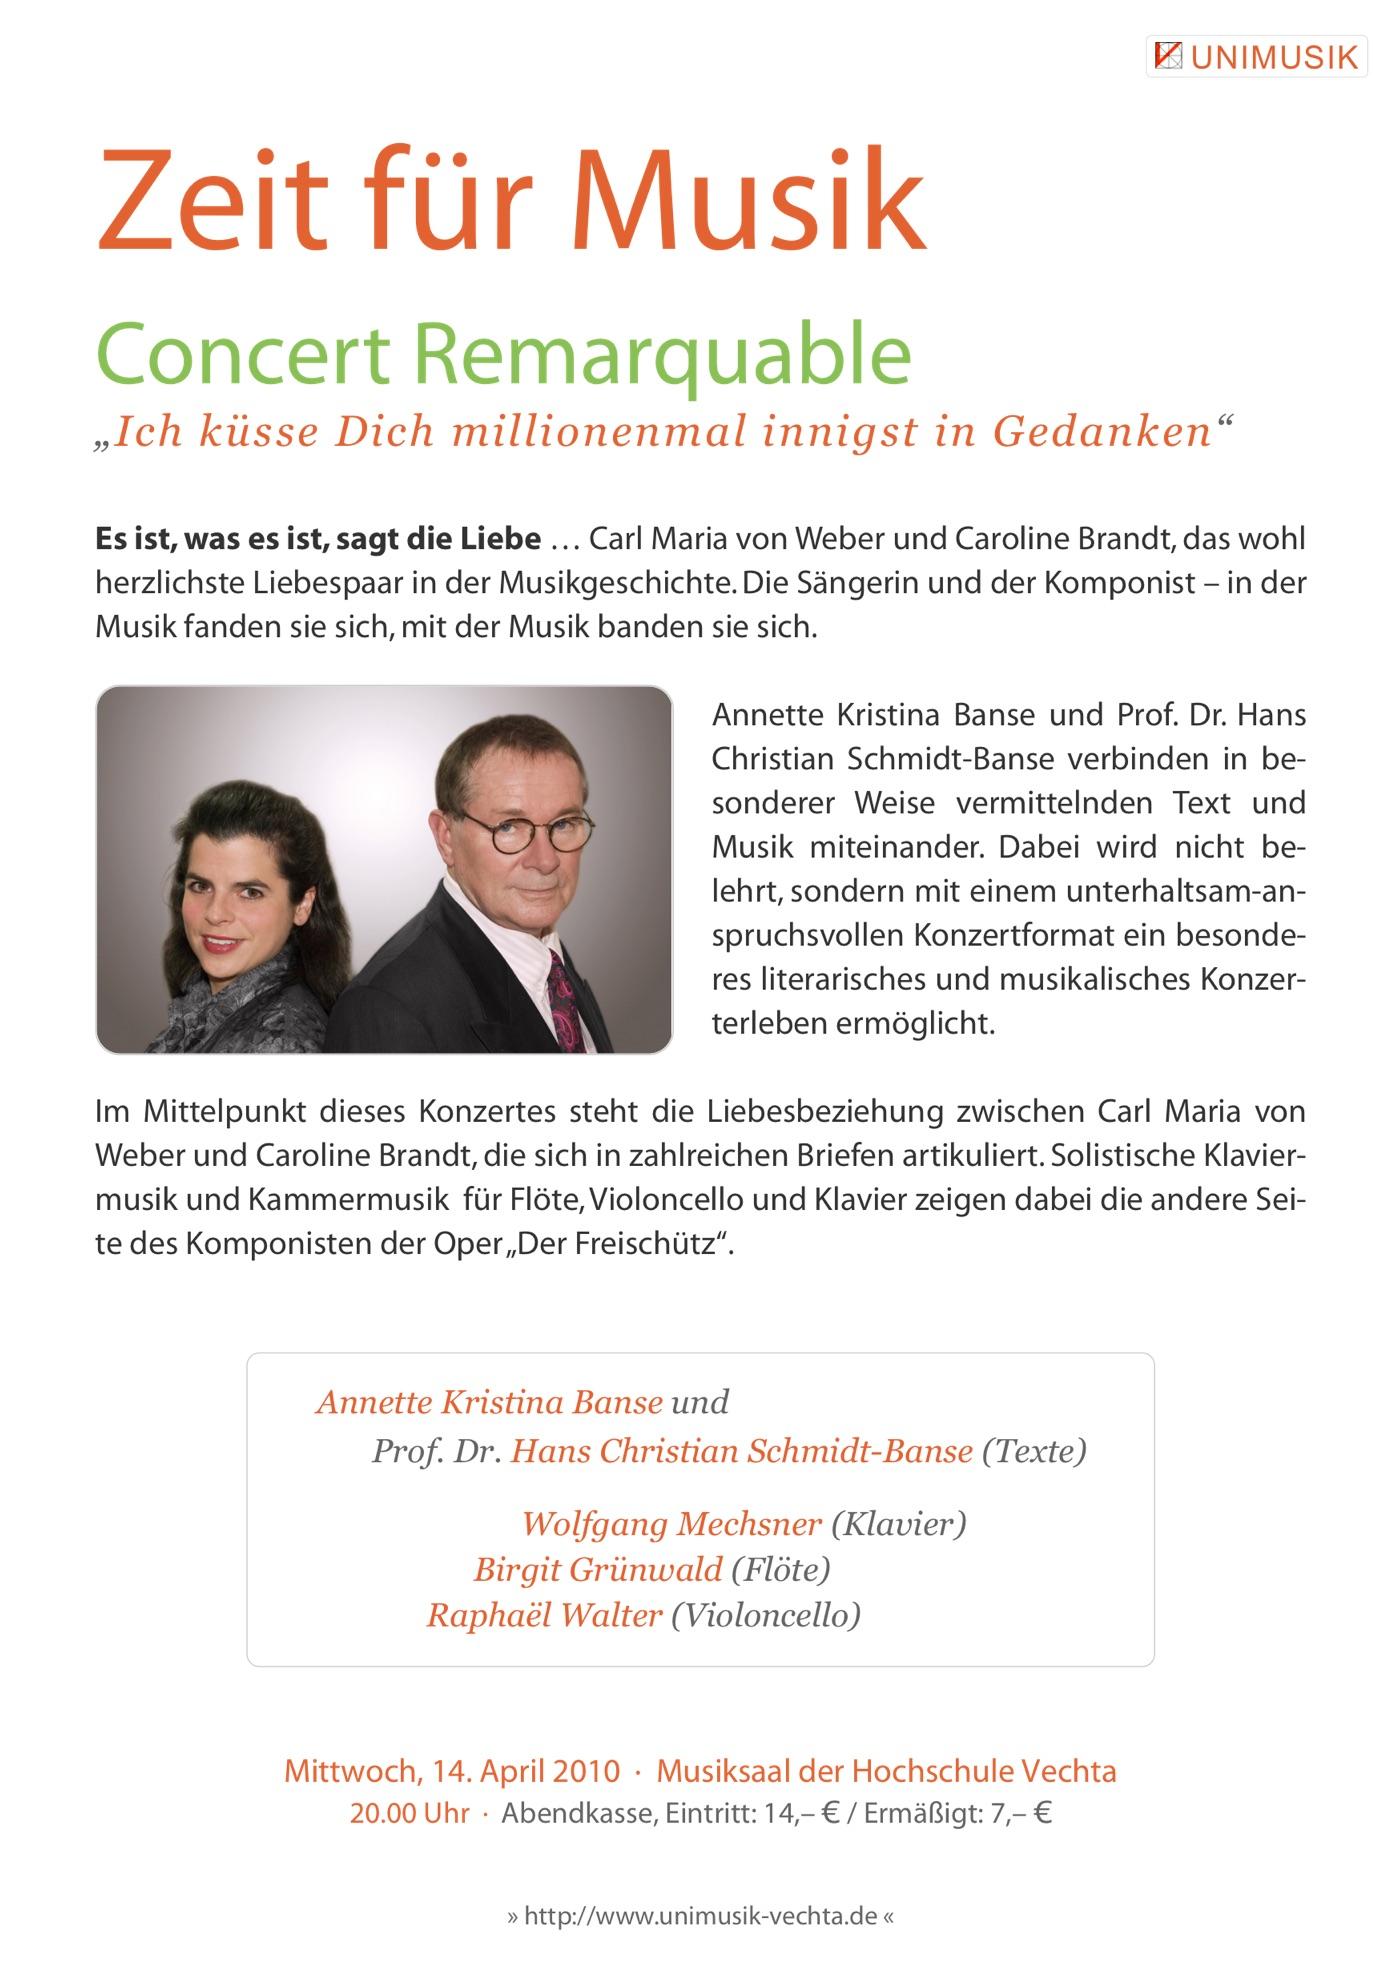 Flyer · Concert Remarquable · Zeit für Musik